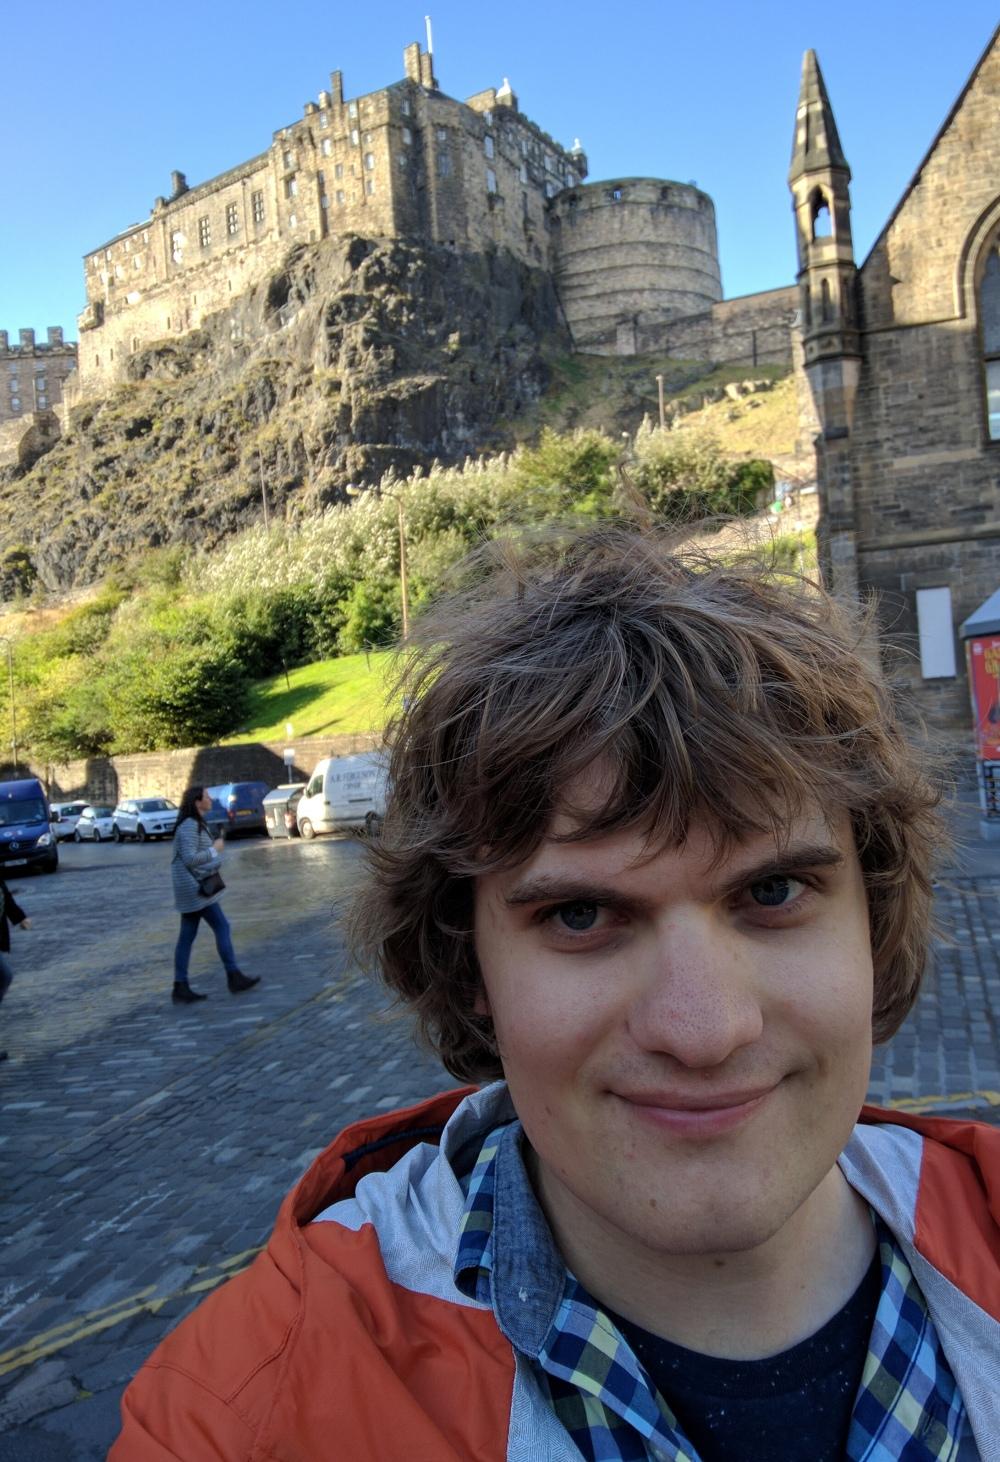 Serious Castle Selfie